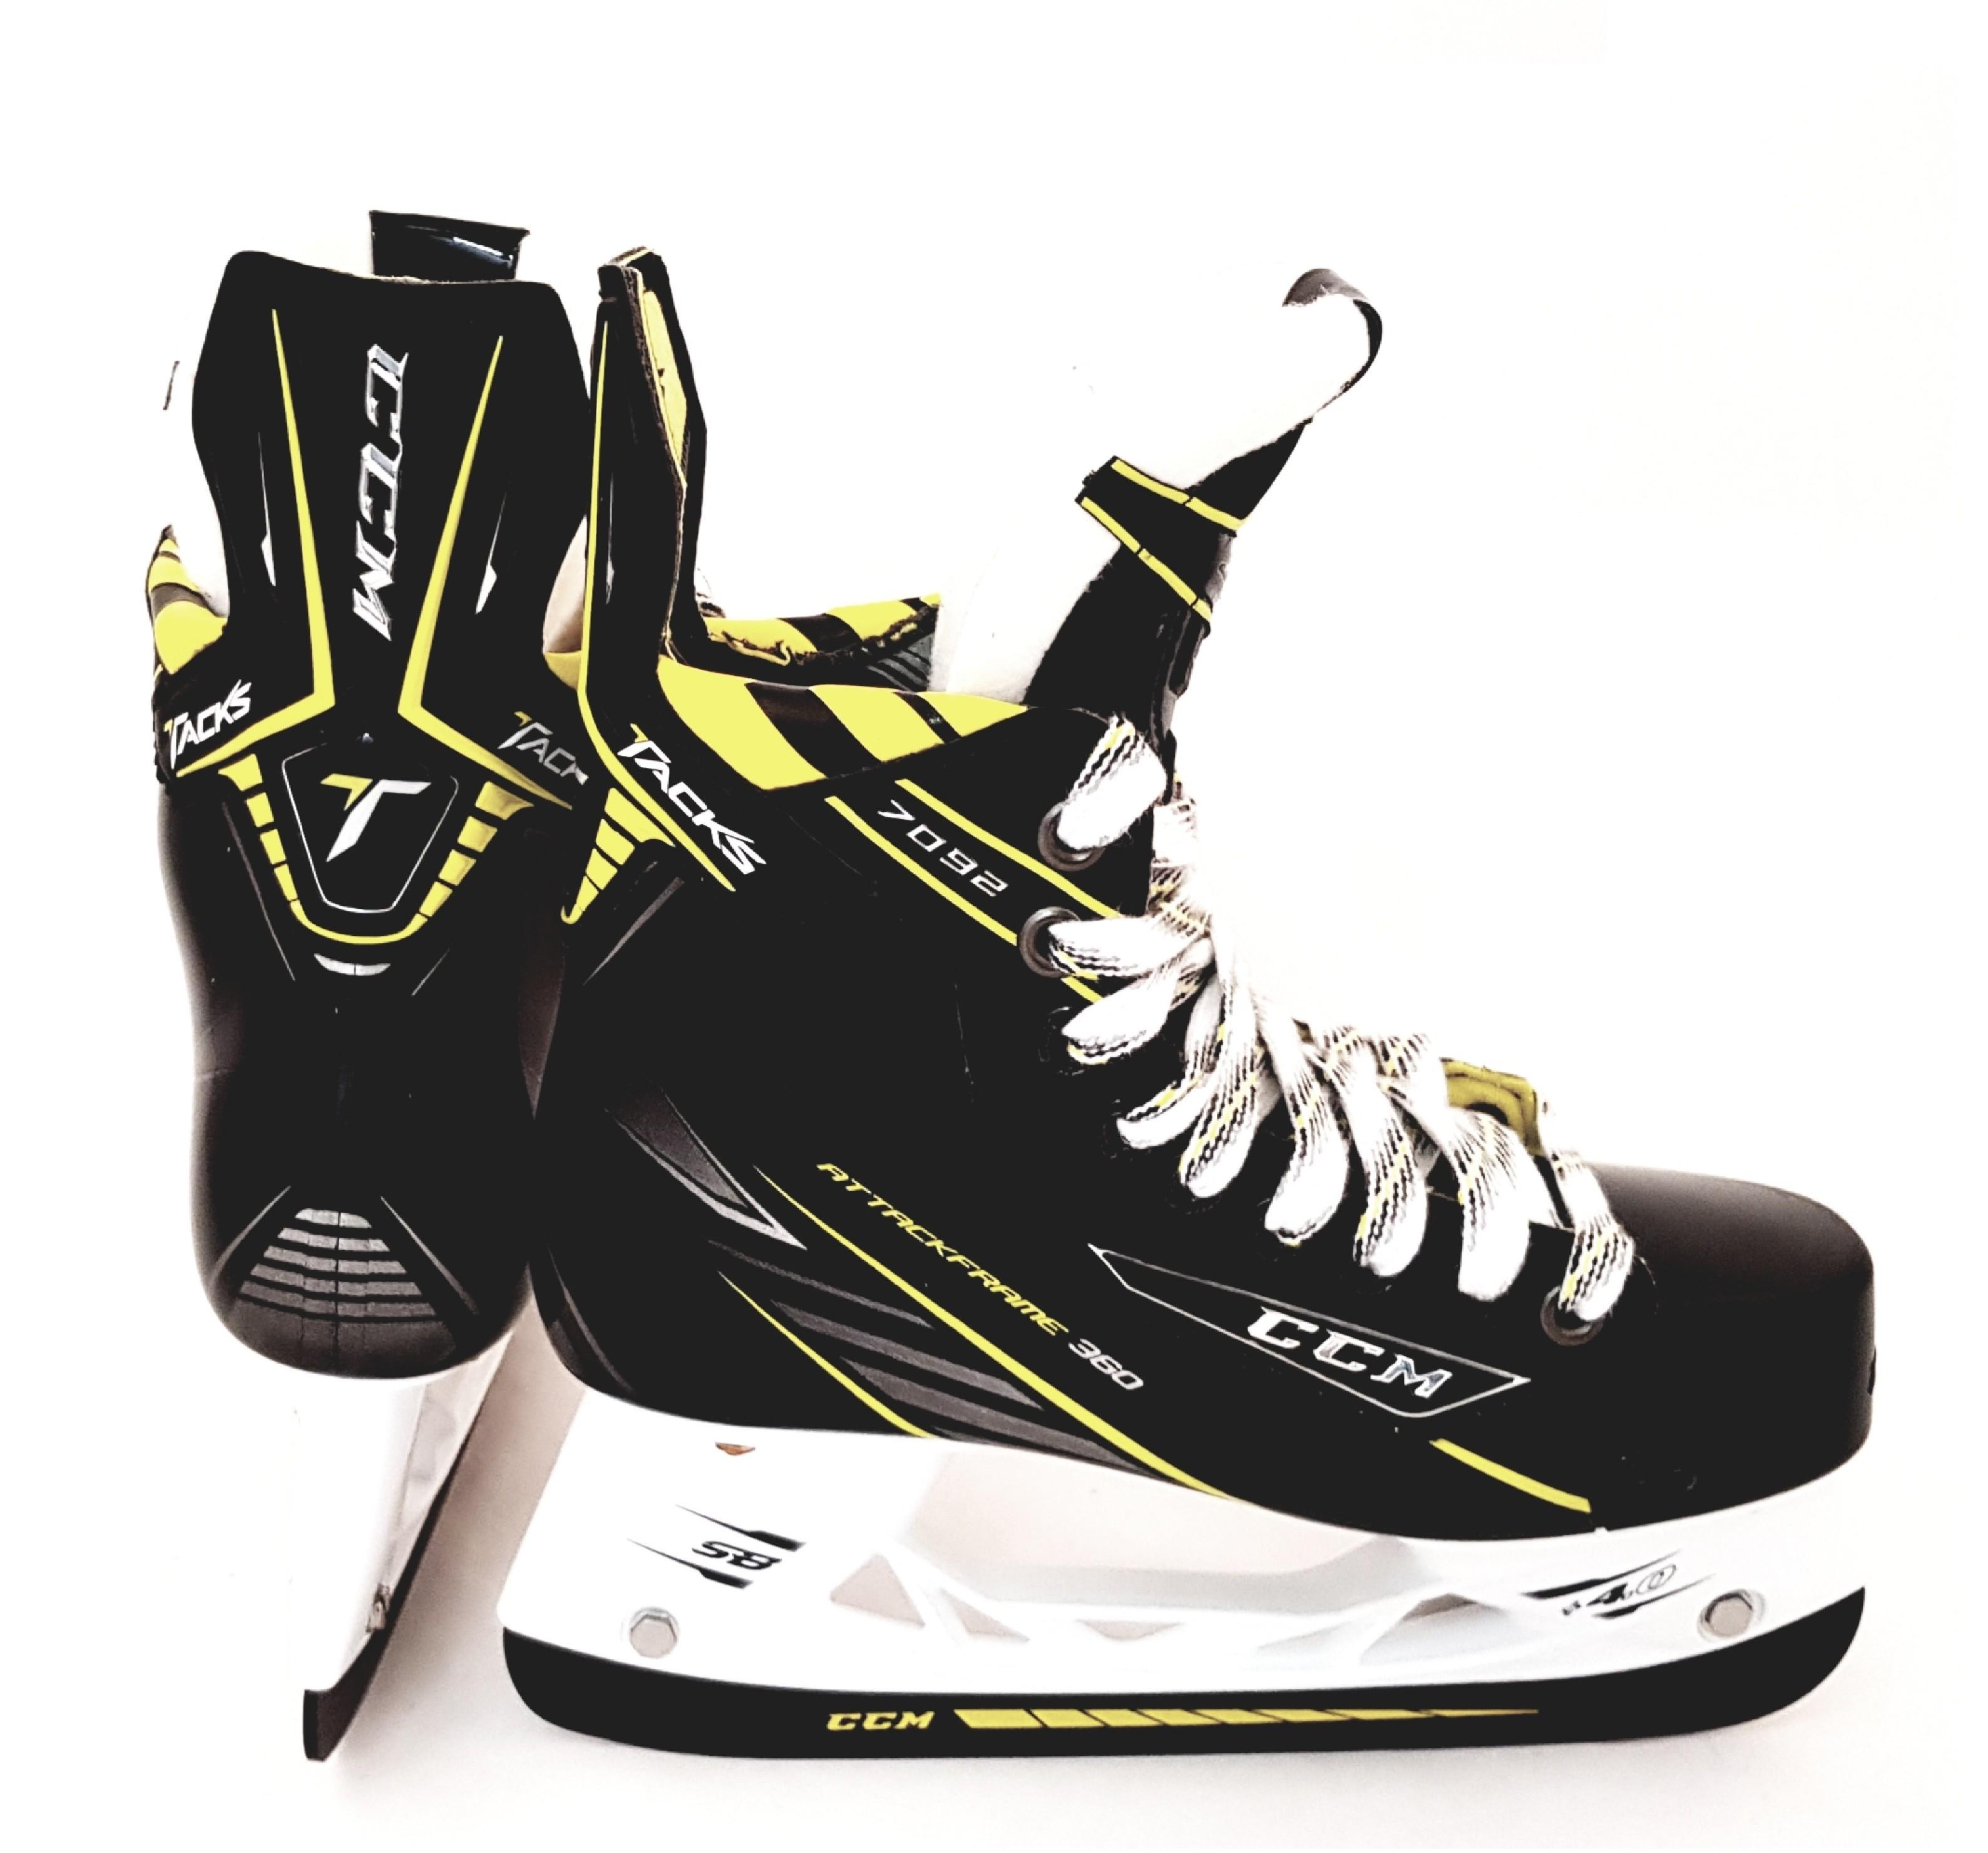 CCM Tacks 7092 Junior Ice Hockey Skates